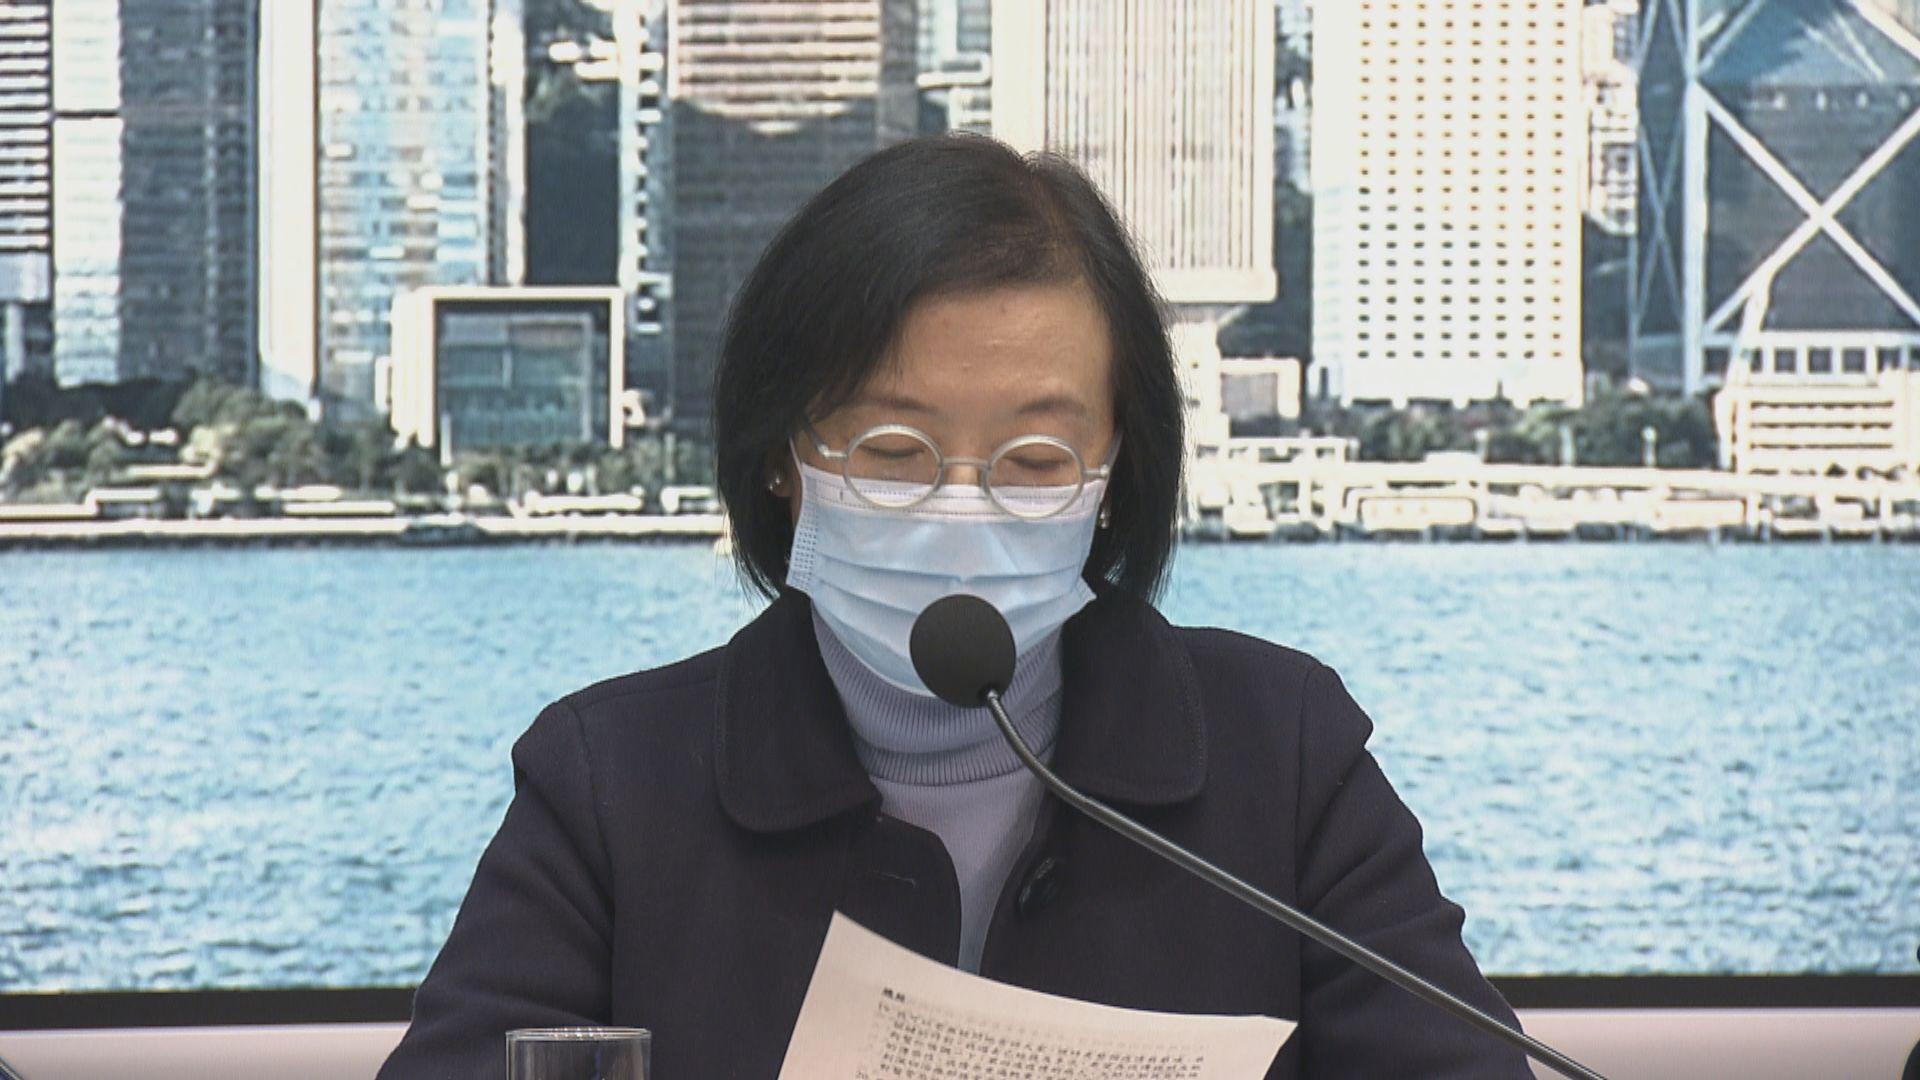 防疫措施延長至明年1月6日 陳肇始:疫情關鍵取決市民能否節日謝絕聚會